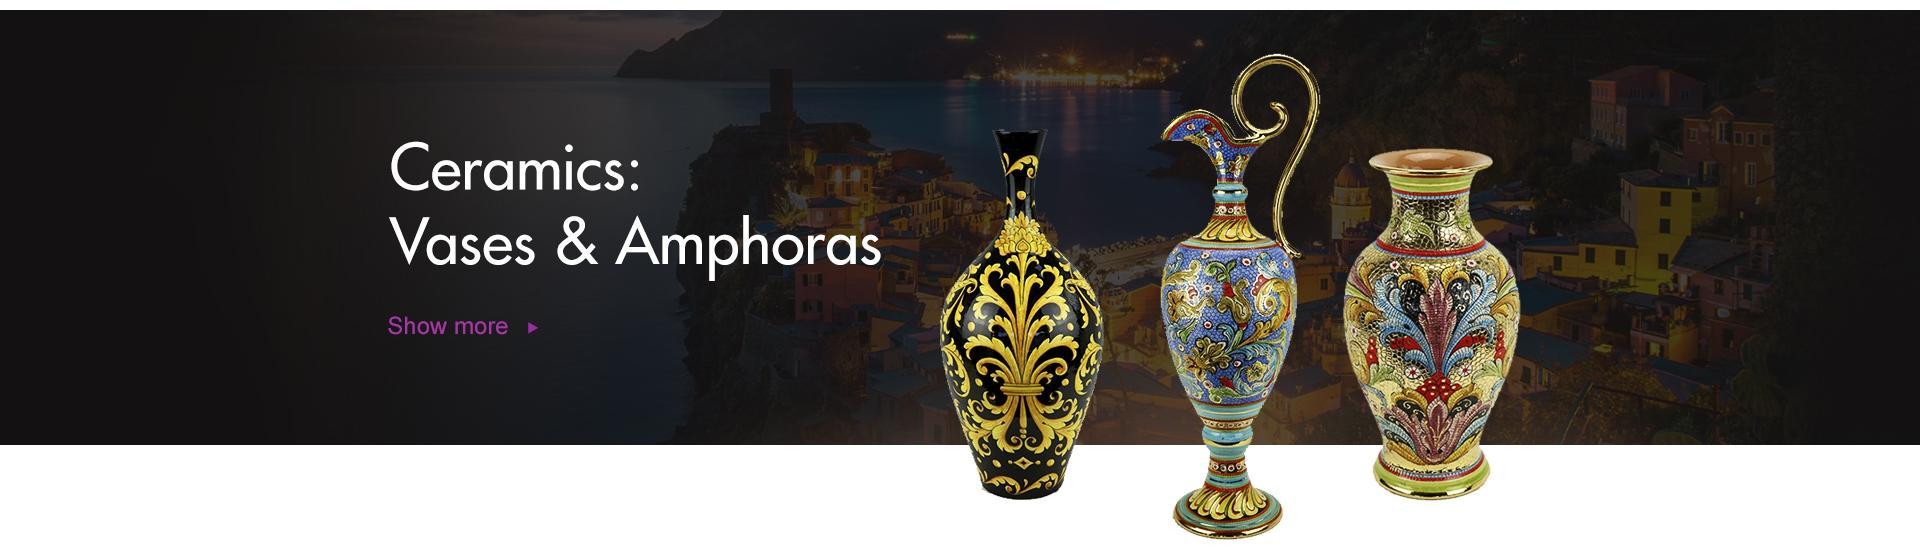 Vases & Amphoras